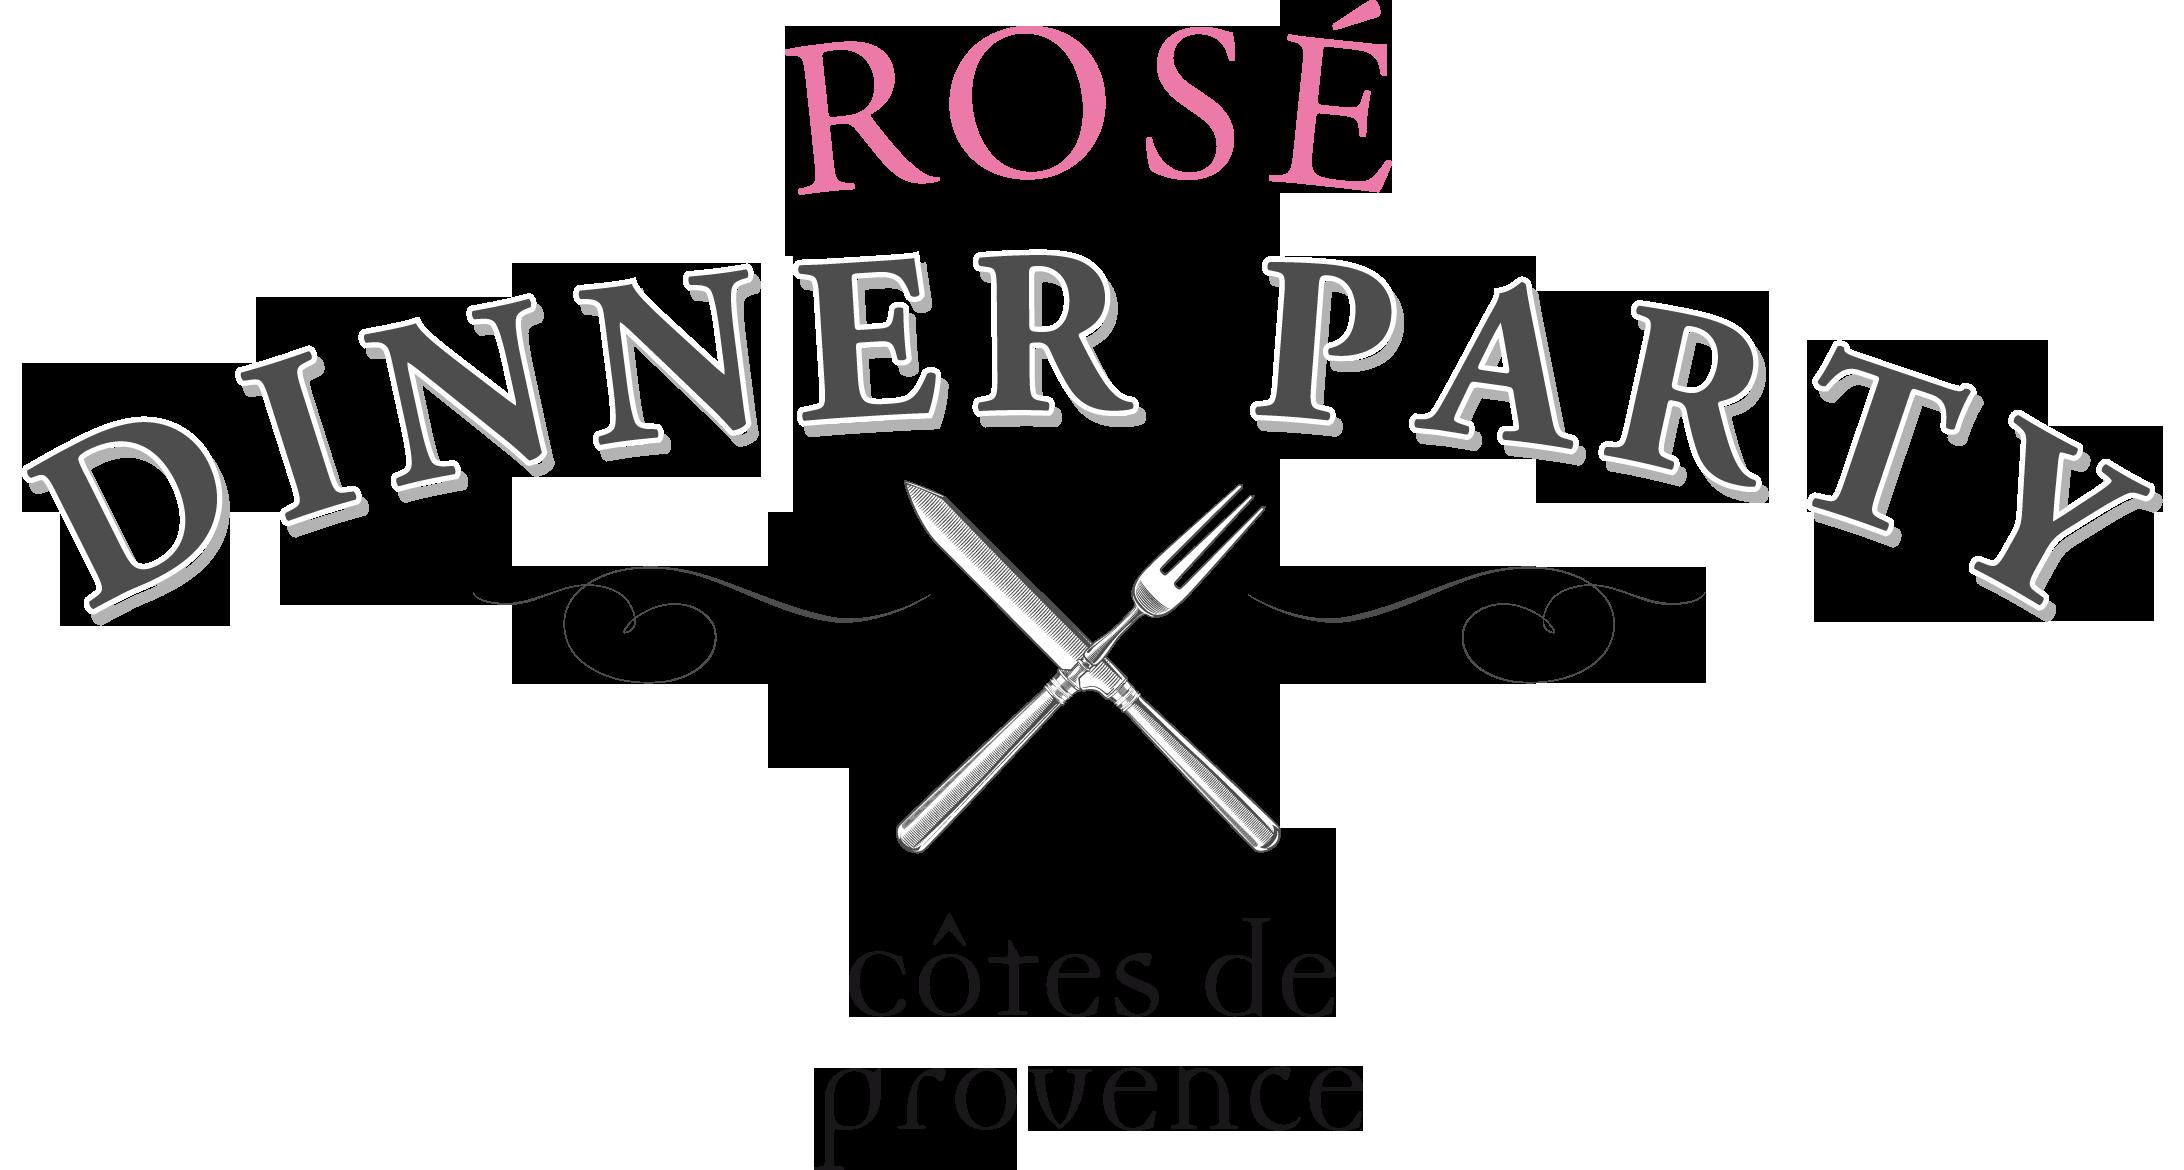 GenussSucht_Herbstliche-Rosé-Dinner-Party_Côtes-de-Provence_Banner